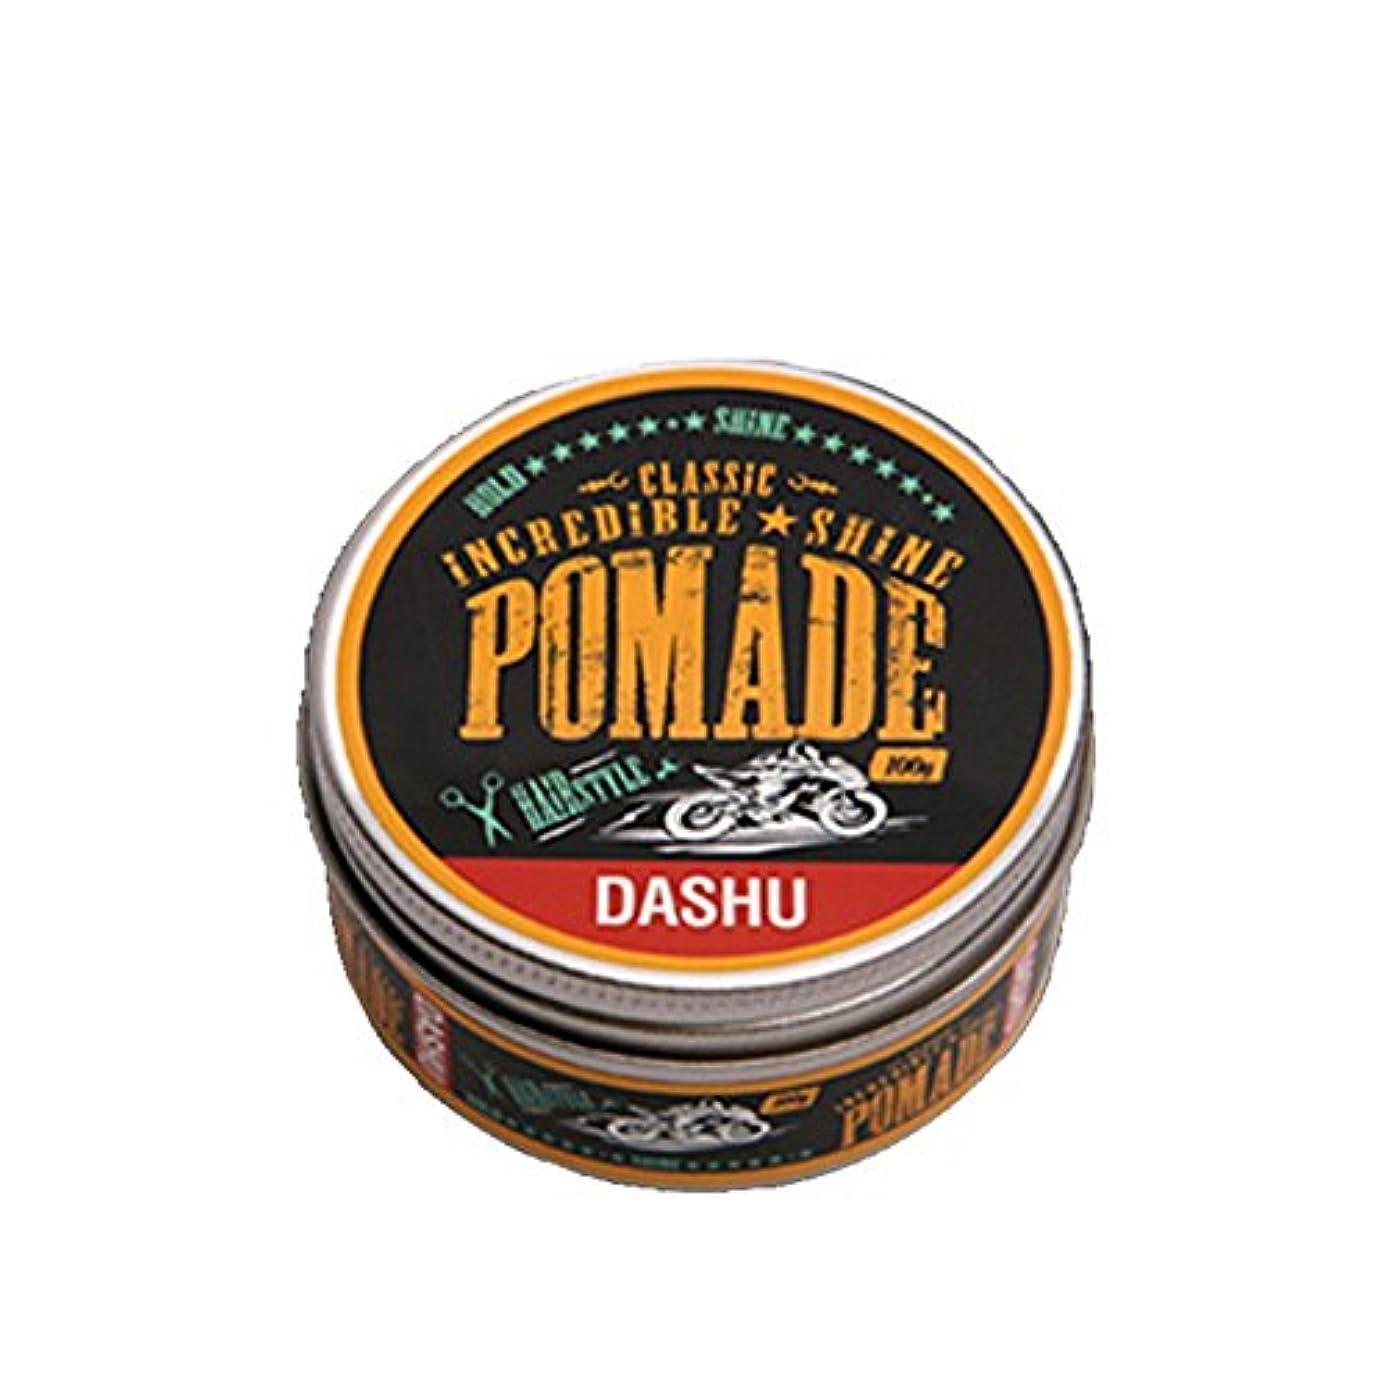 厚いカロリー硫黄[DASHU] ダシュ クラシック 信じられないほどの輝き ポマードワックス Classic Incredible Shine Pomade Hair Wax 100ml / 韓国製 . 韓国直送品